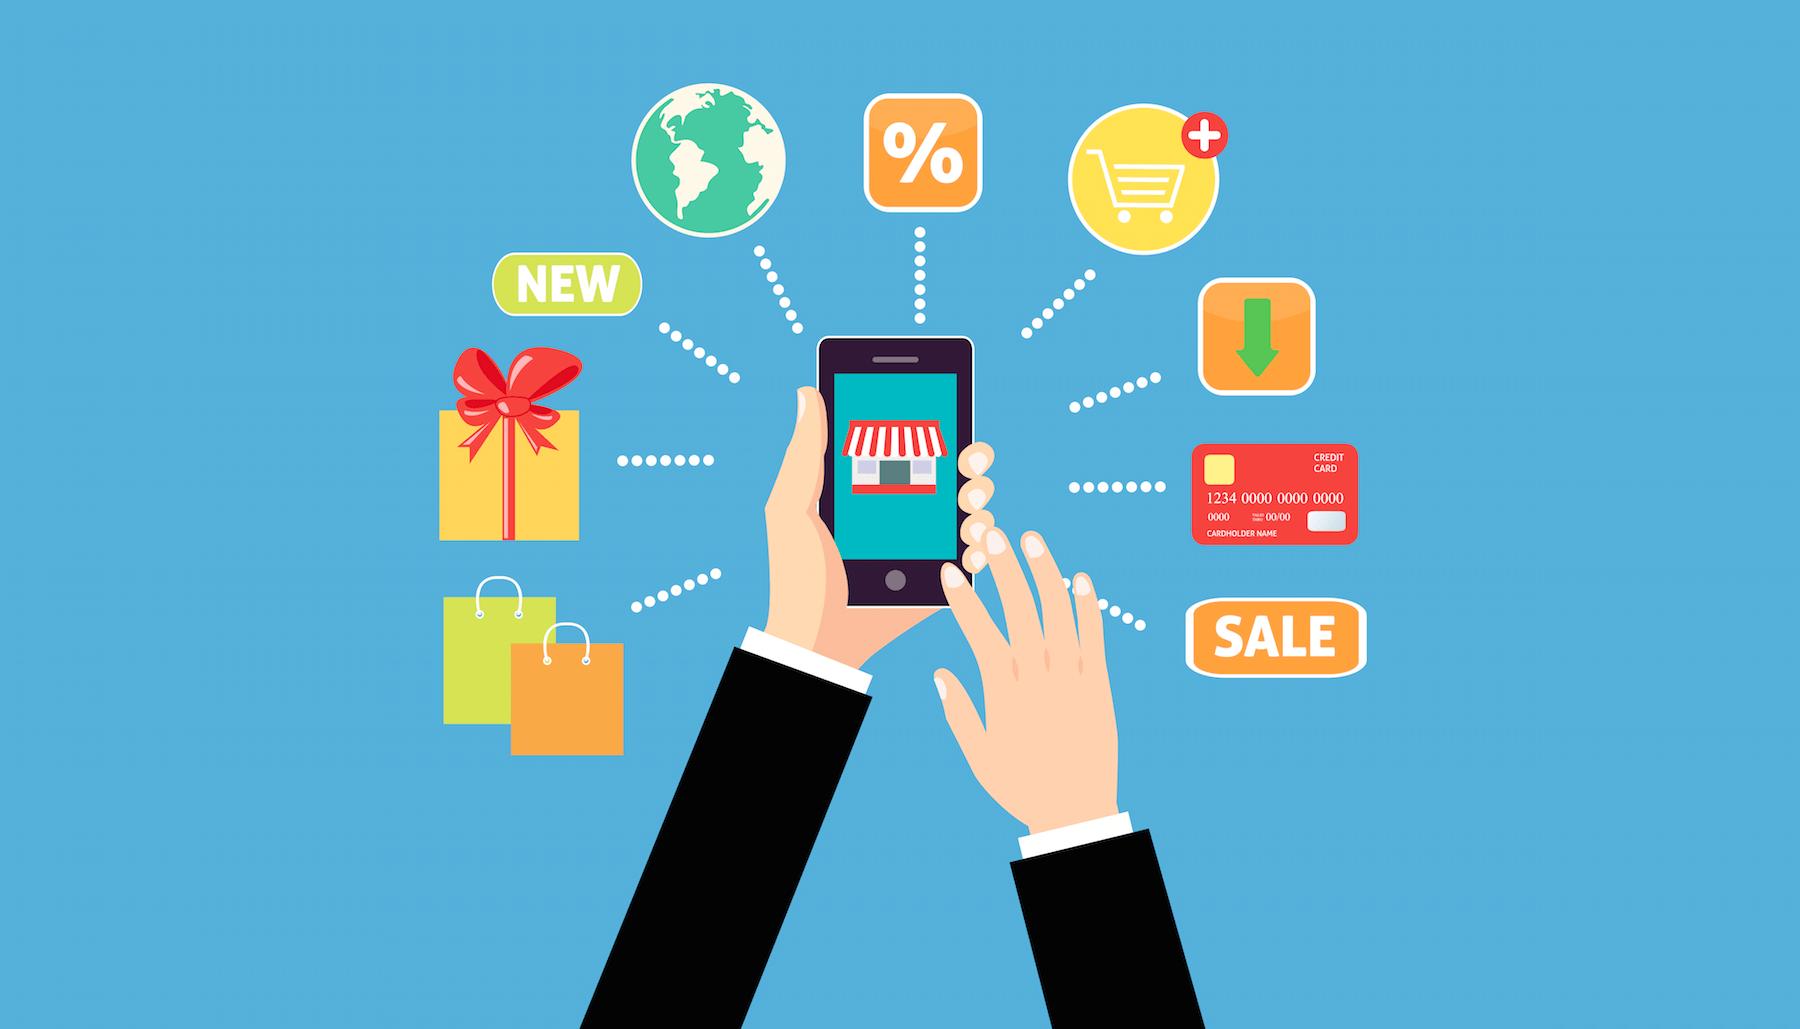 E-commerce é o que mais está em alta na era digital. Várias marcas estão vendendo seus produtos online, sejam grandes ou pequenos produtores. Saiba mais!